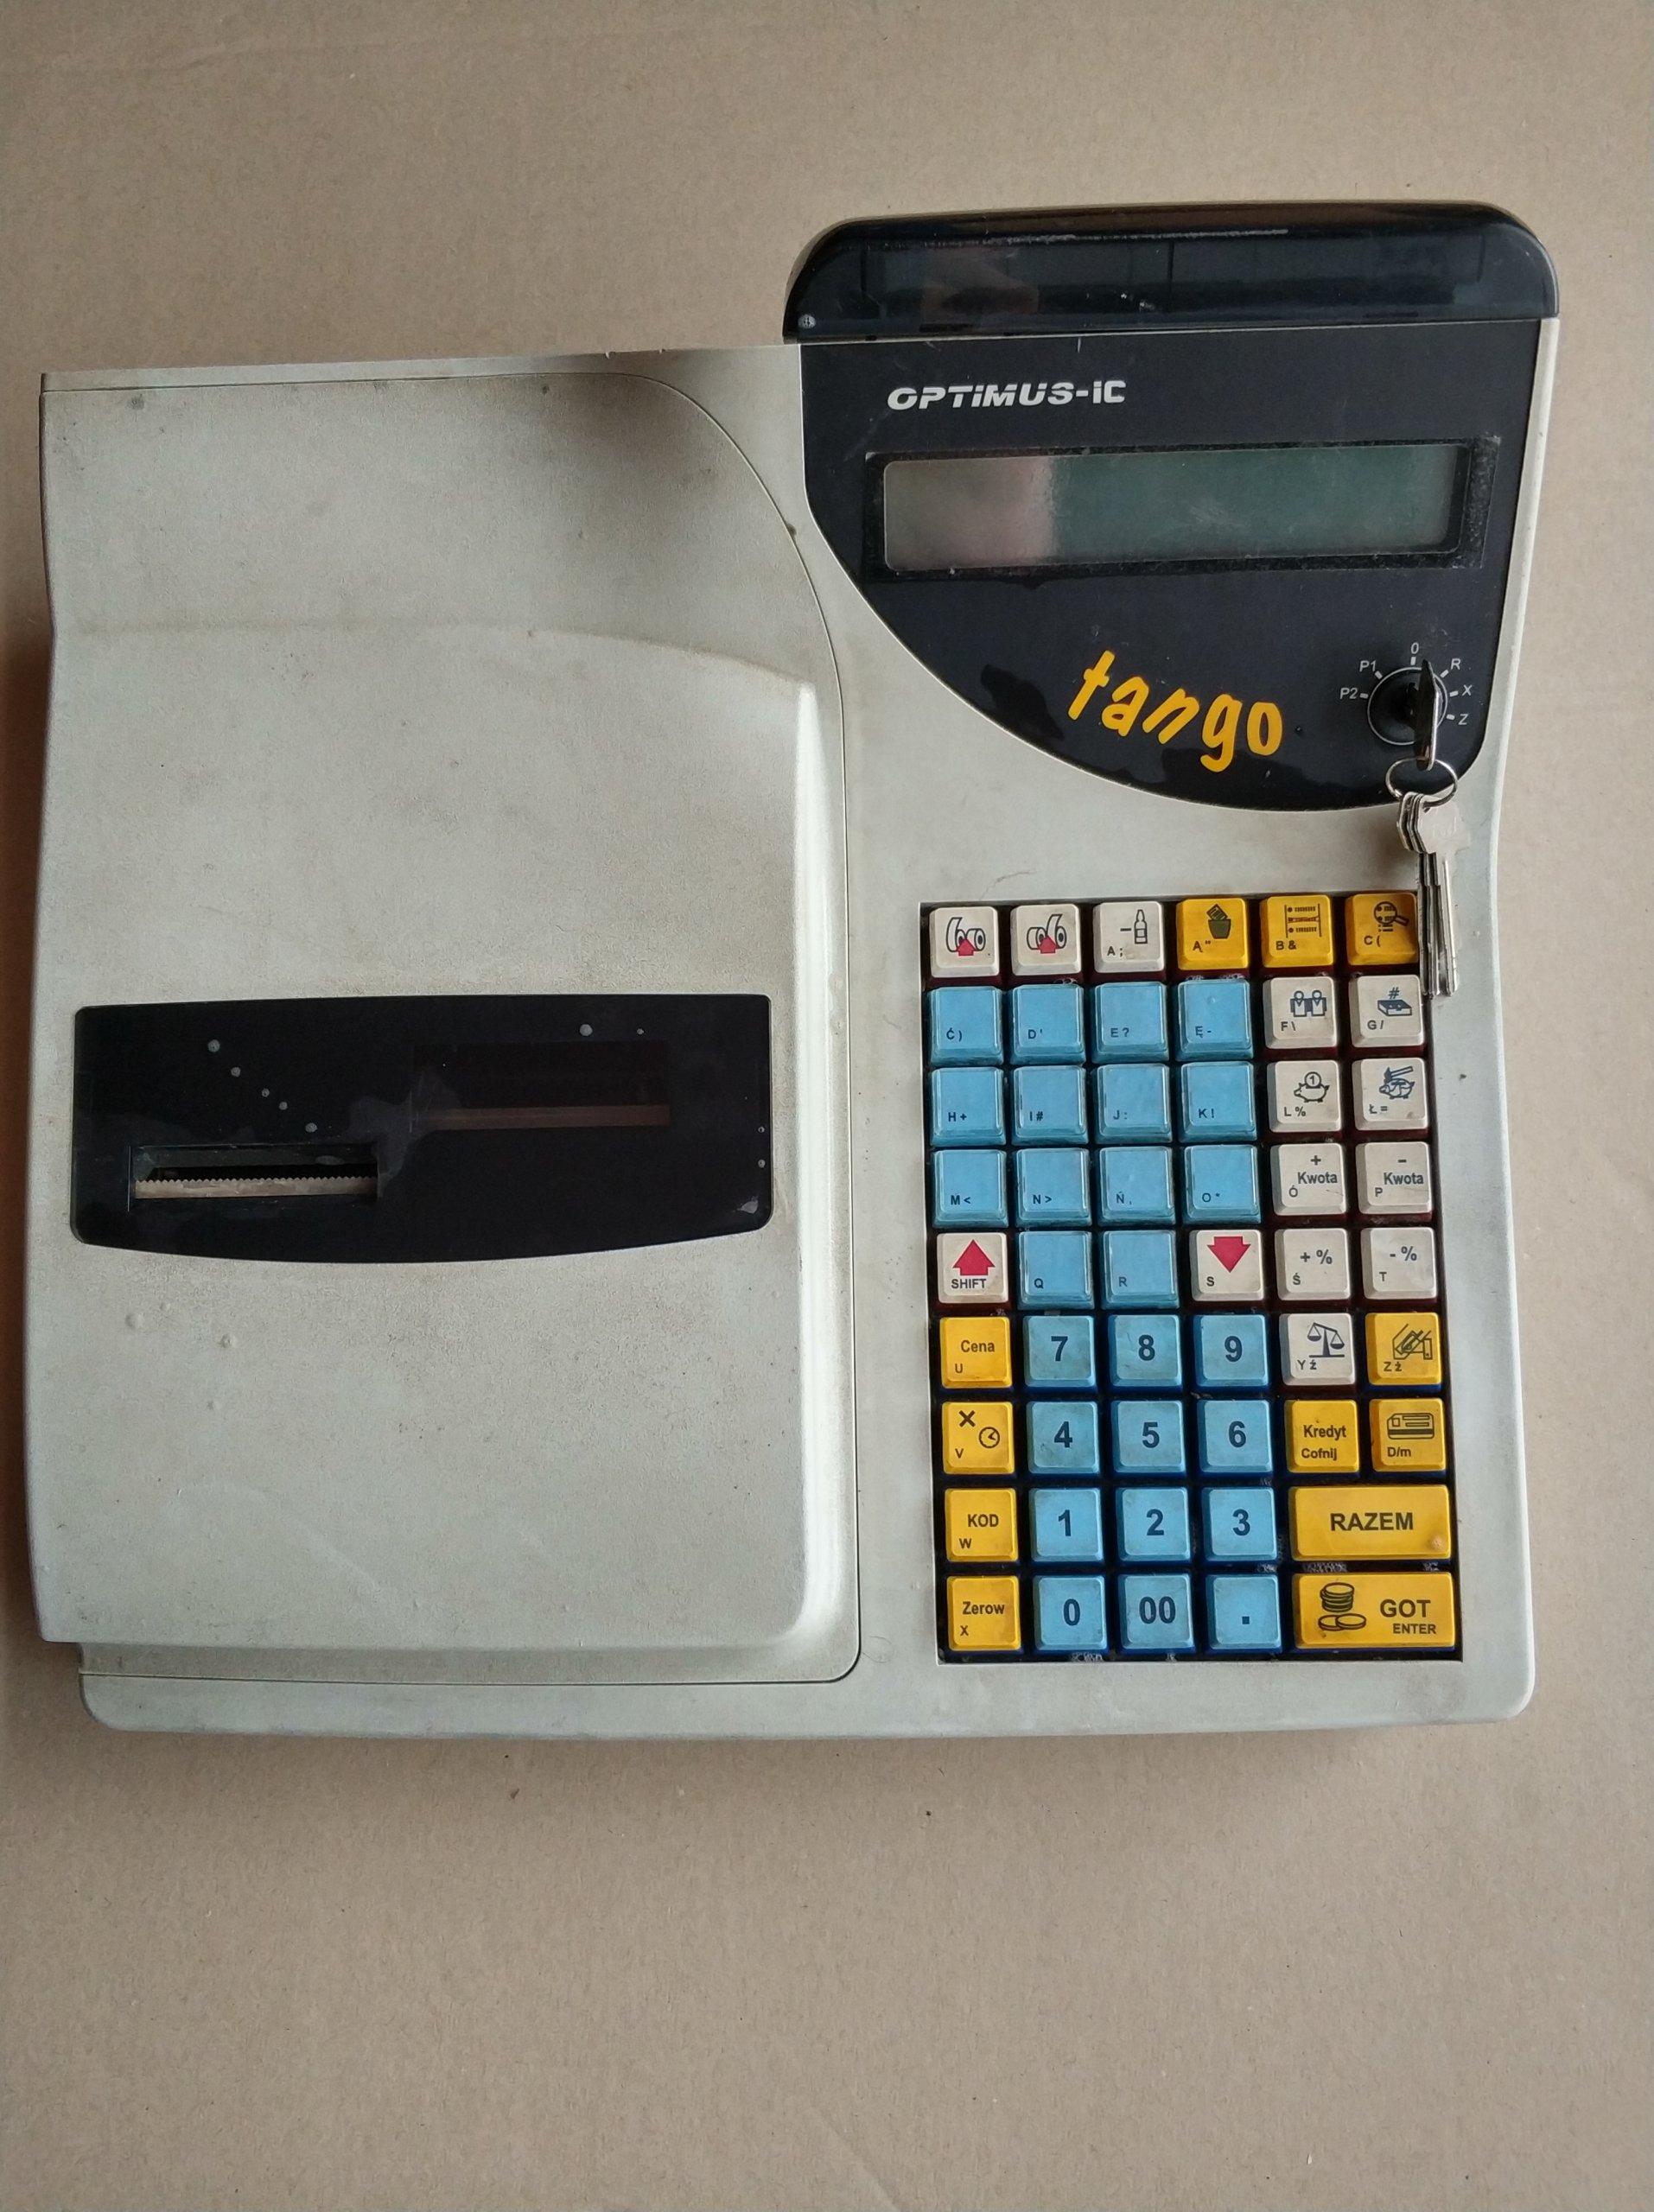 Rewelacyjny Kasa fiskalna OPTIMUS Tango Termik - 7314048510 - oficjalne GL03